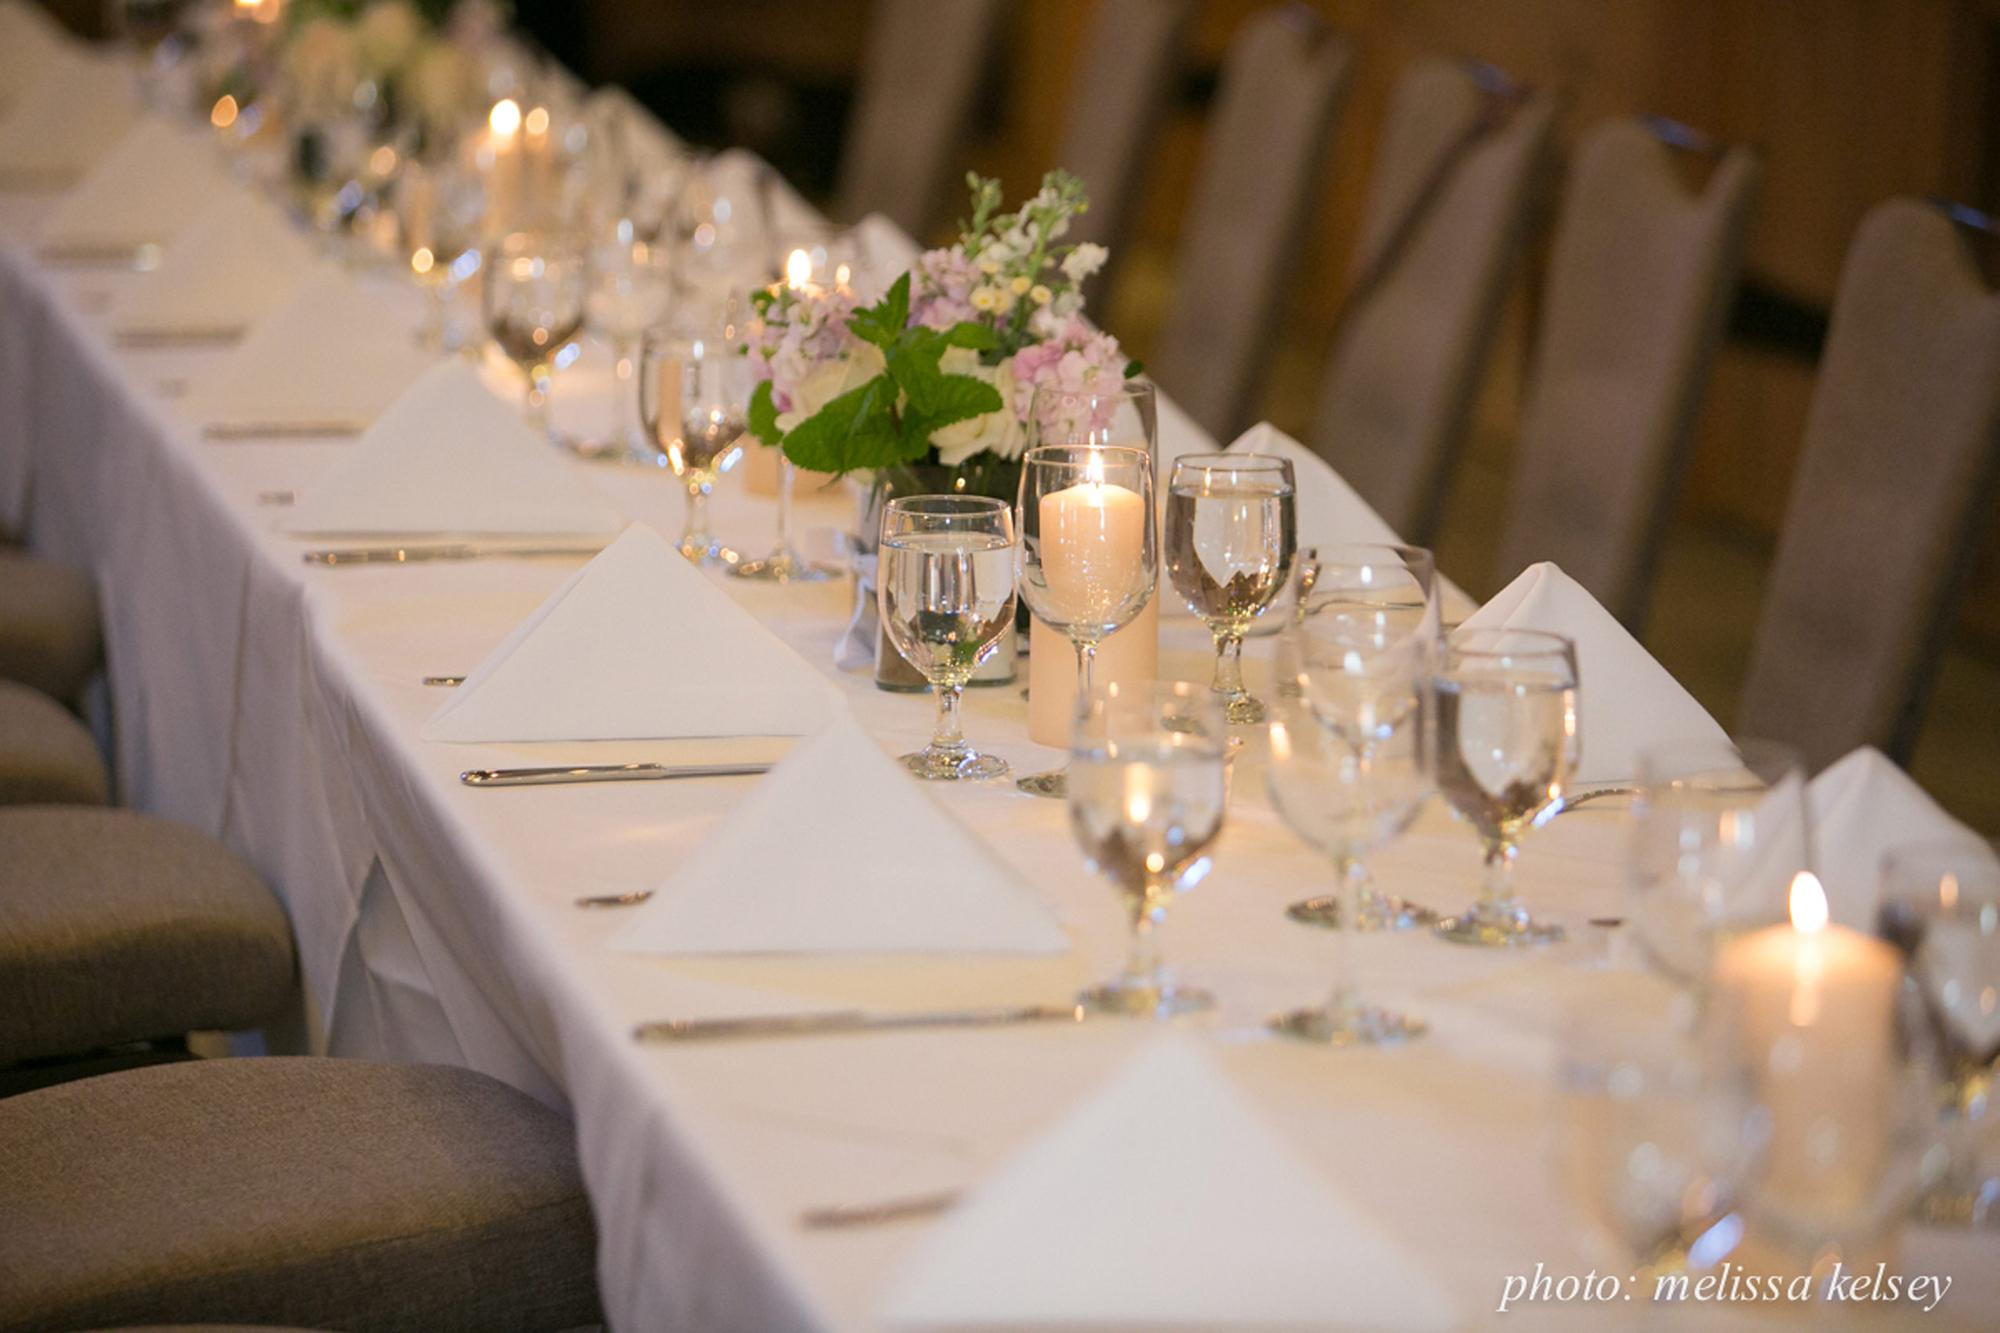 Lenora_John_Sundance_Resort_Tastefully_Set_Table.jpg